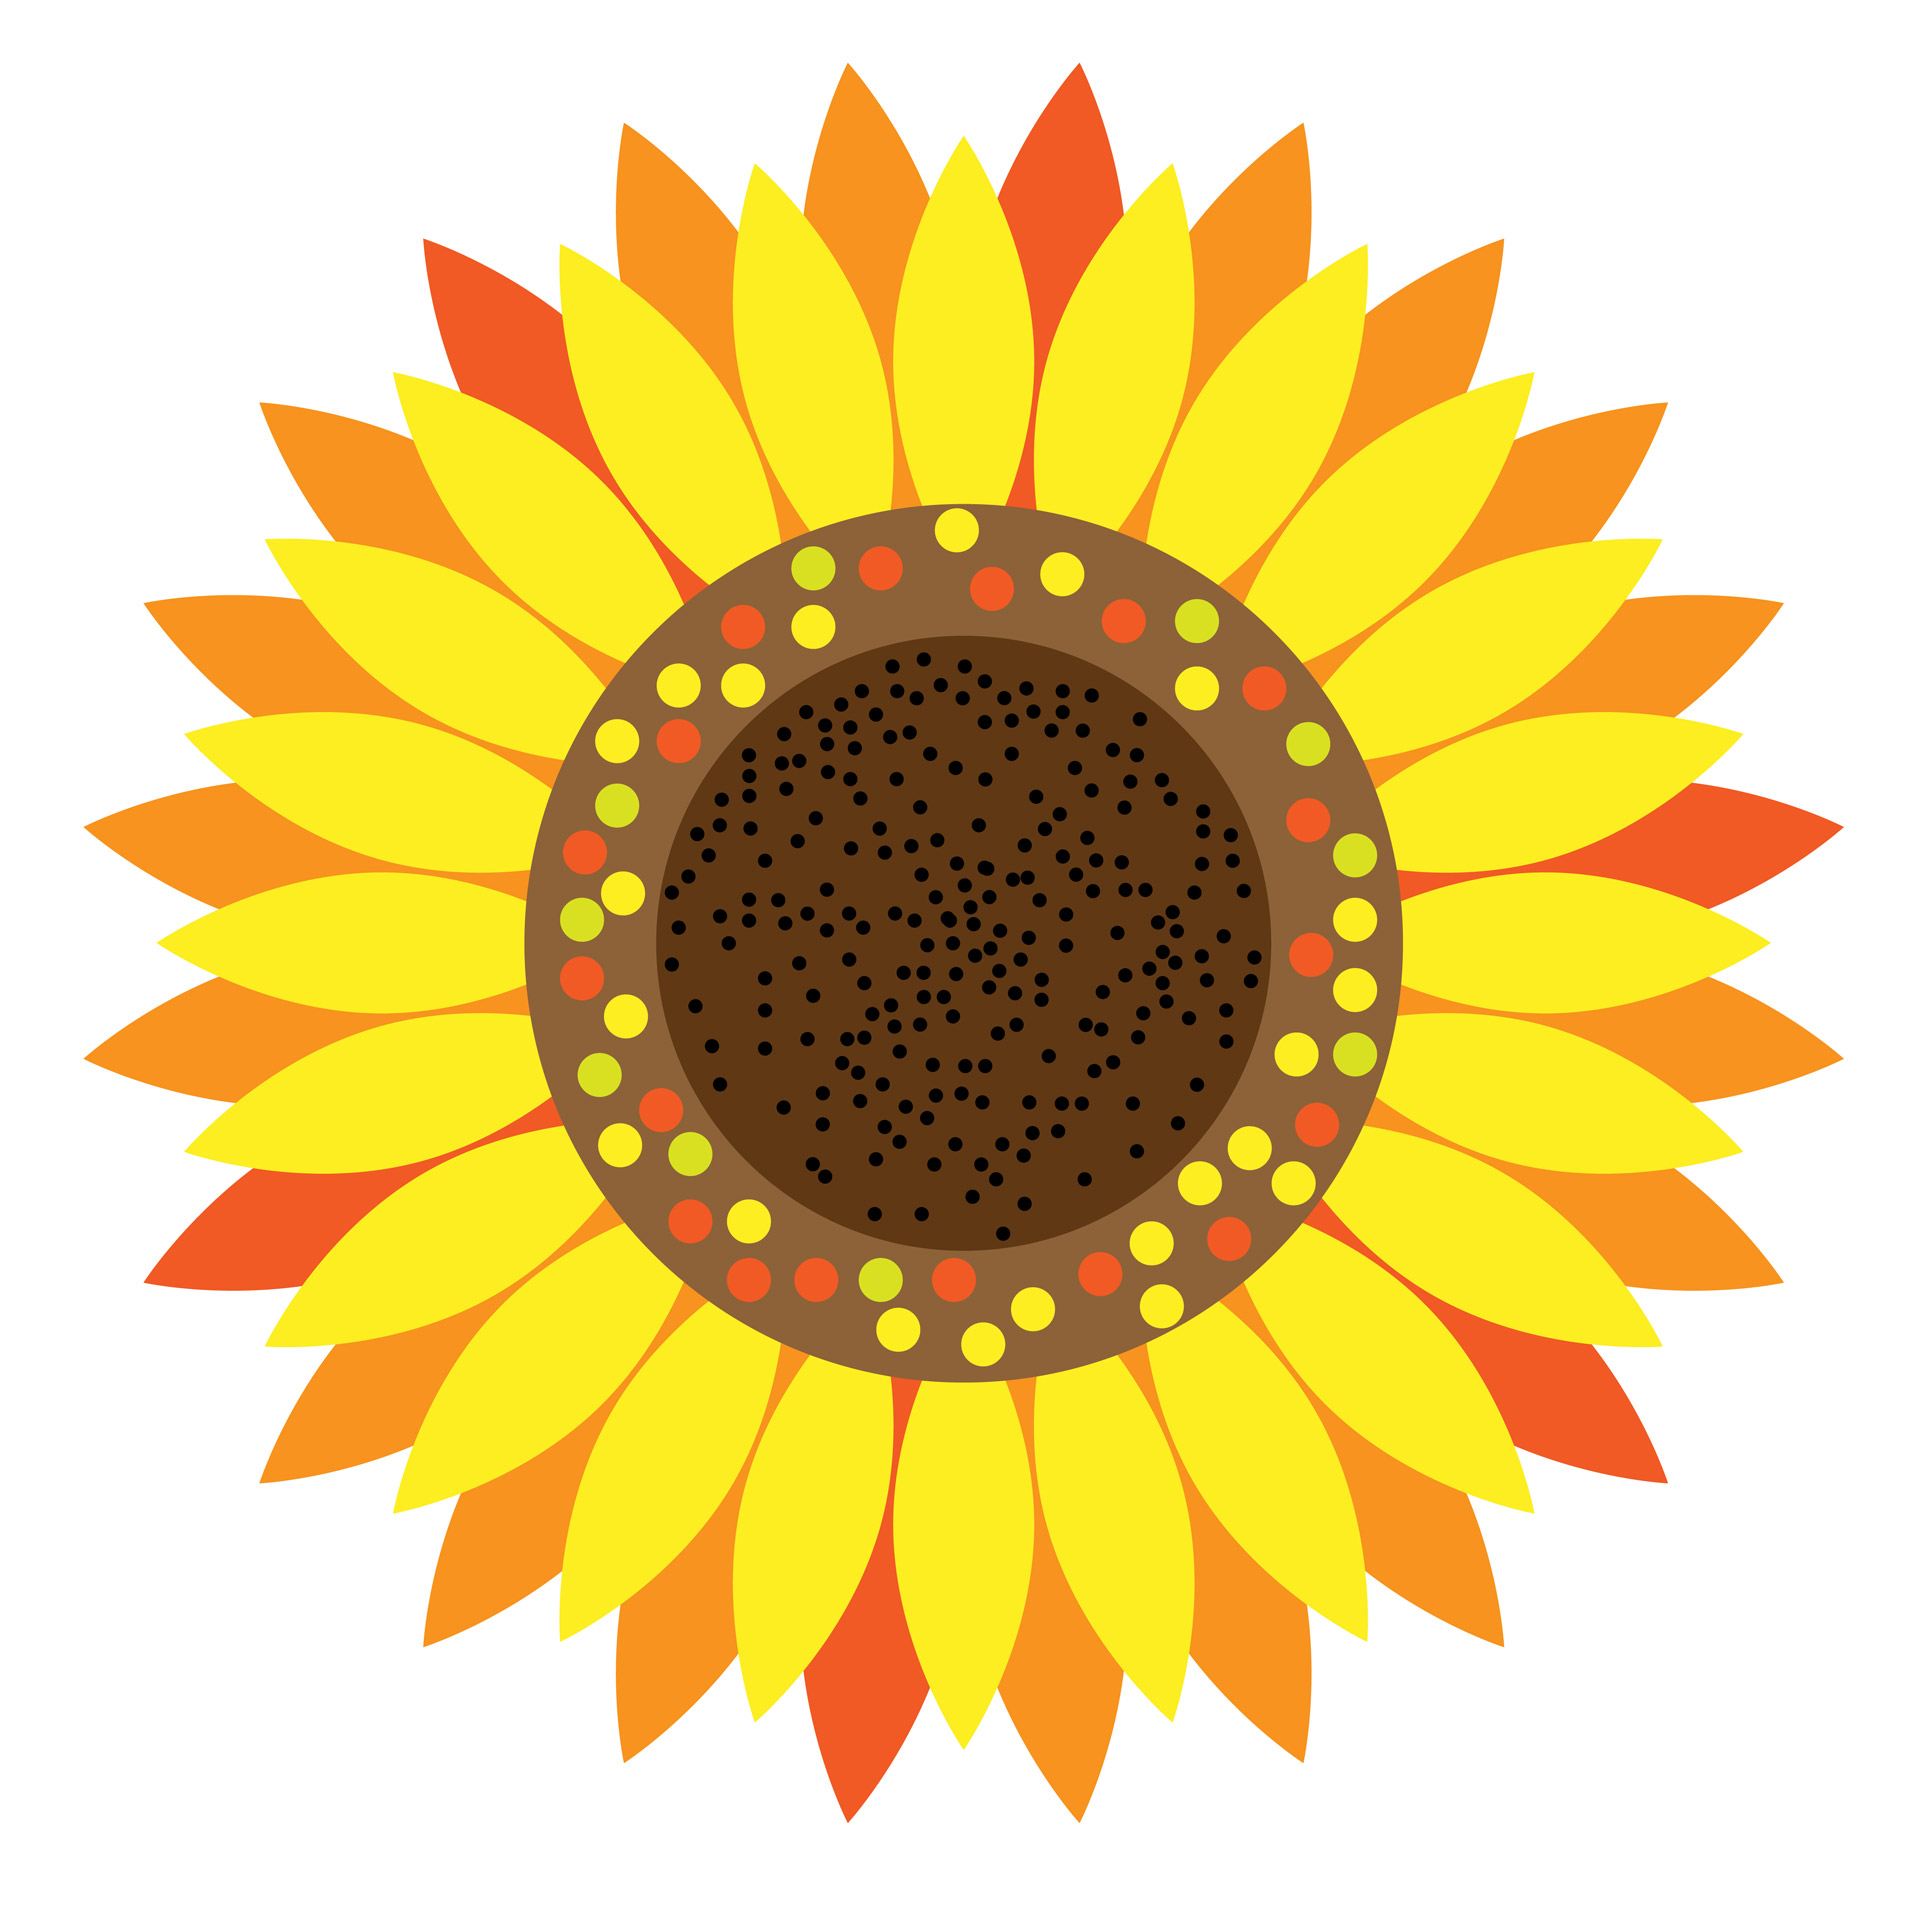 Yellow Flower clipart sunflower Sunflower Happy Sunflower Clipart Happy